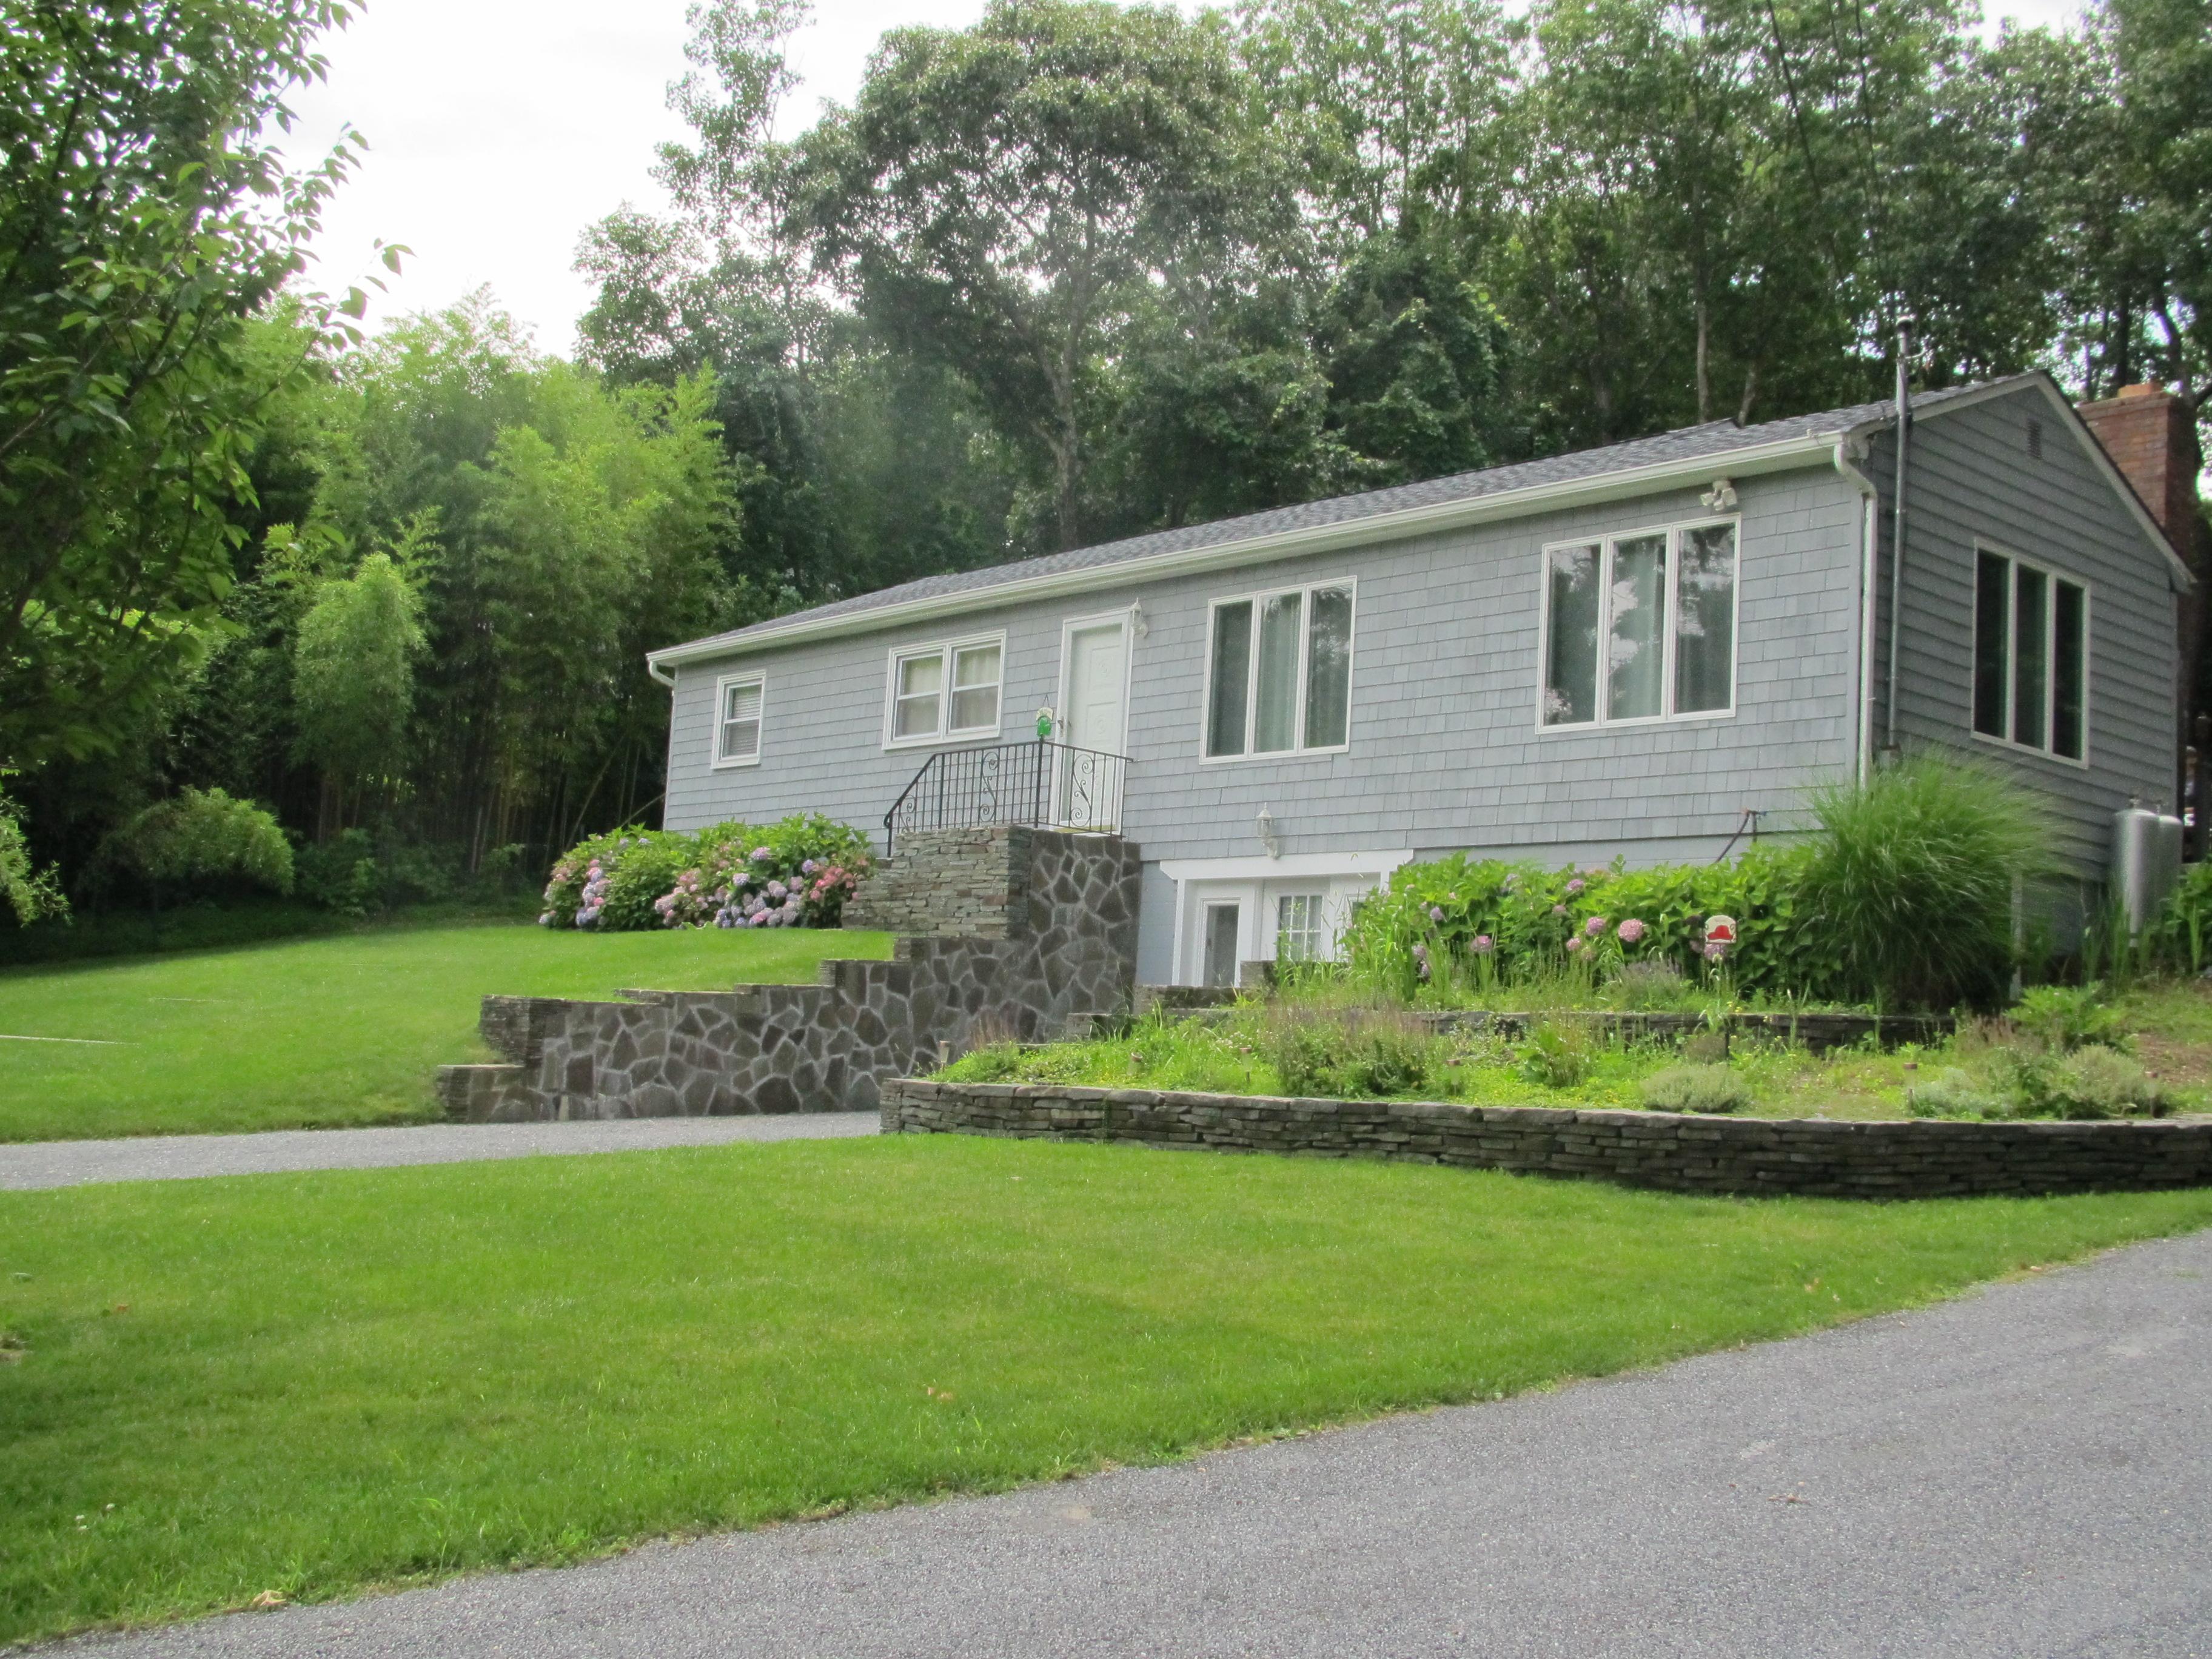 Частный односемейный дом для того Продажа на Hi Ranch 35 Stony Hill Rd Sag Harbor, Нью-Йорк 11963 Соединенные Штаты